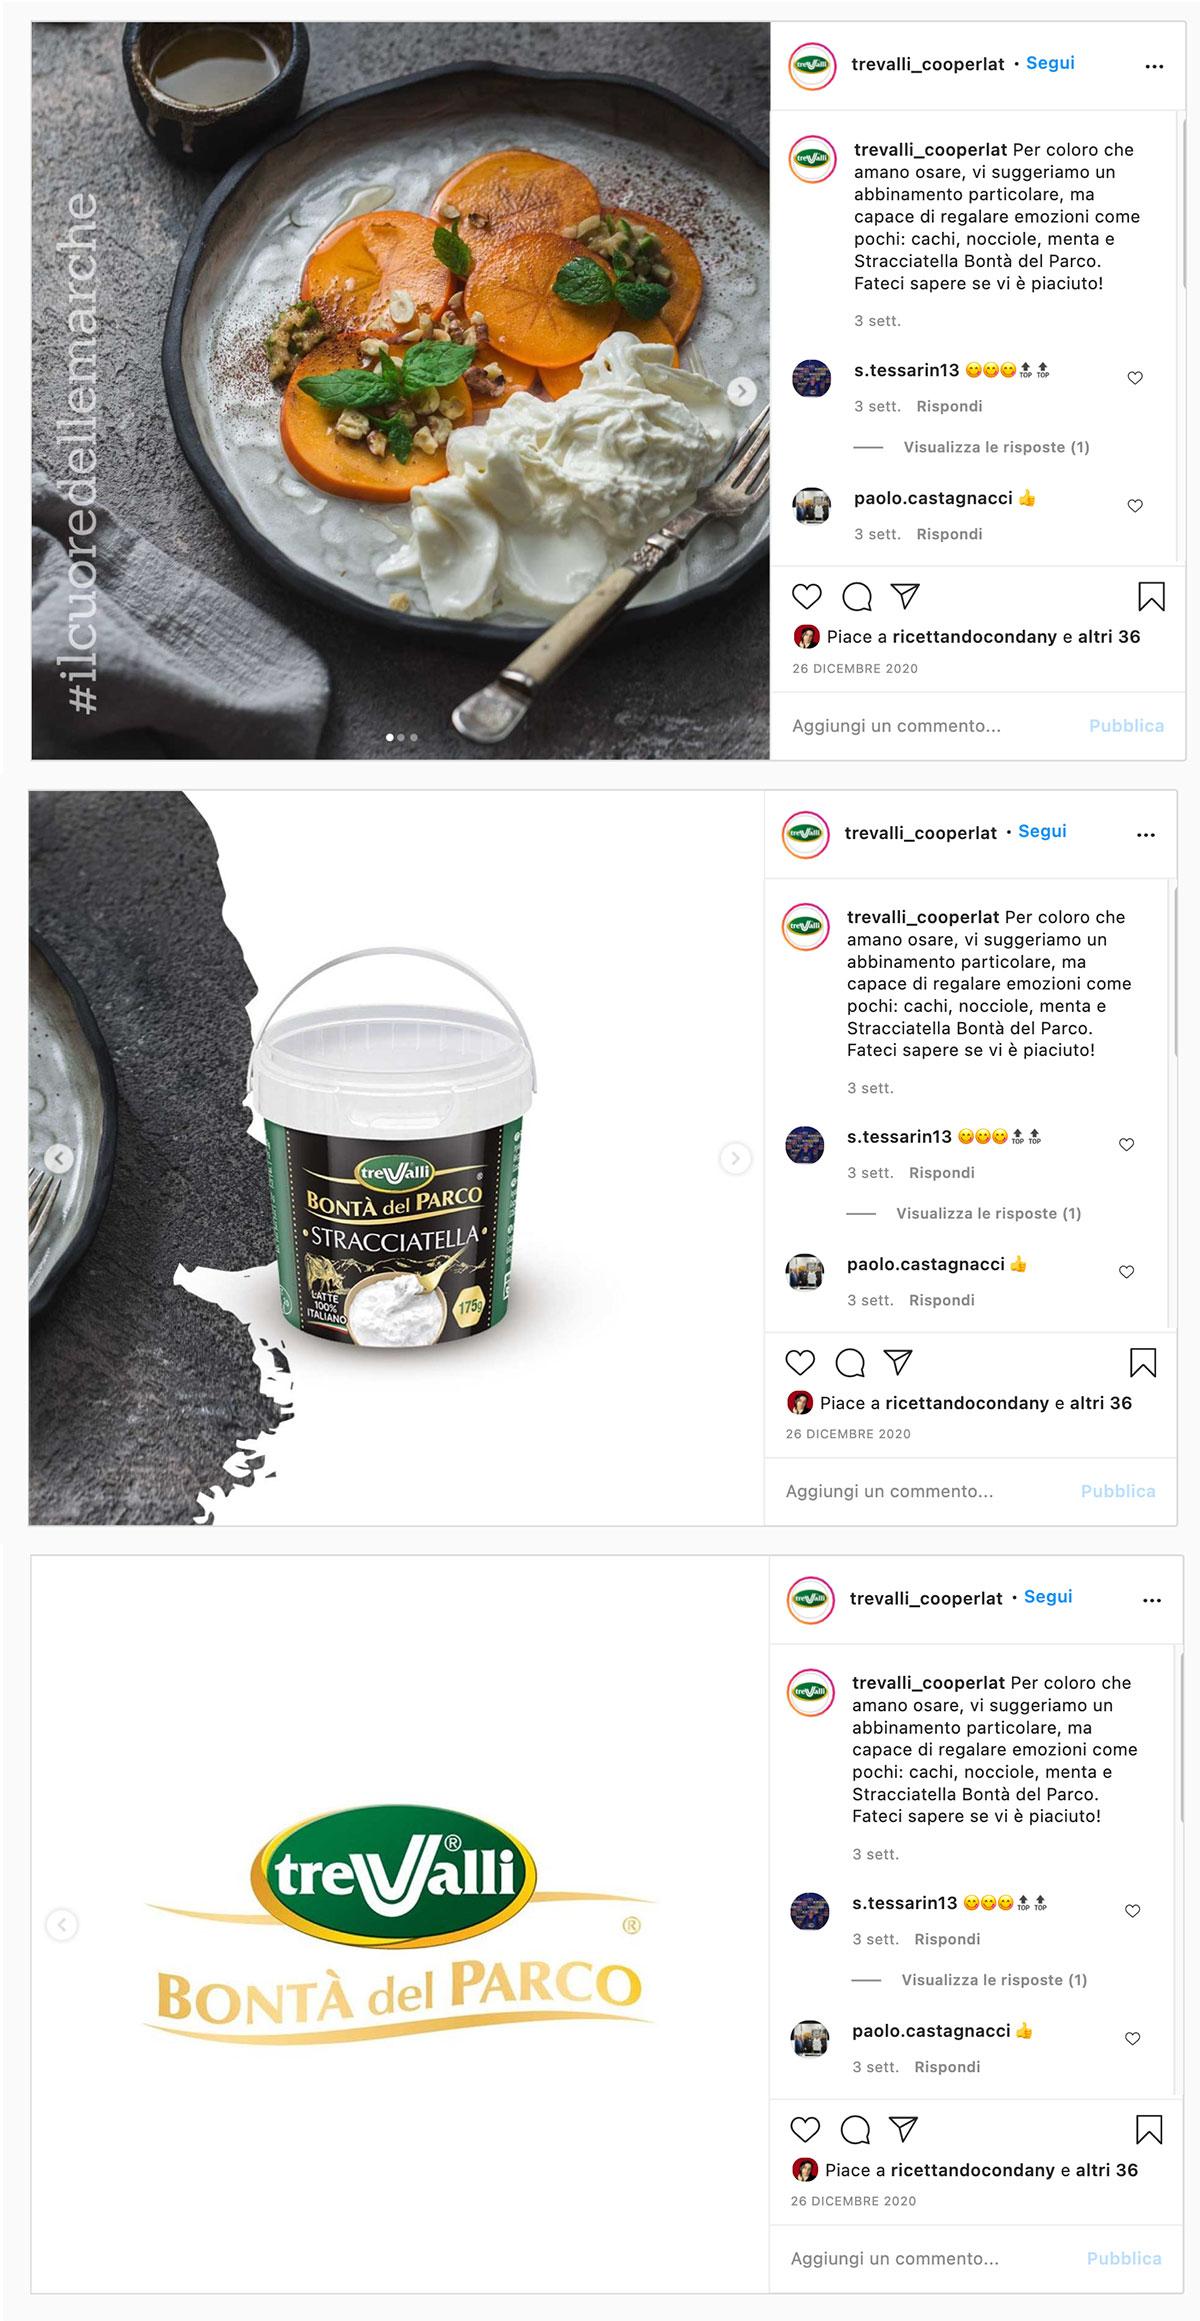 Restyling piano editoriale per lancio brand Bontà del parco